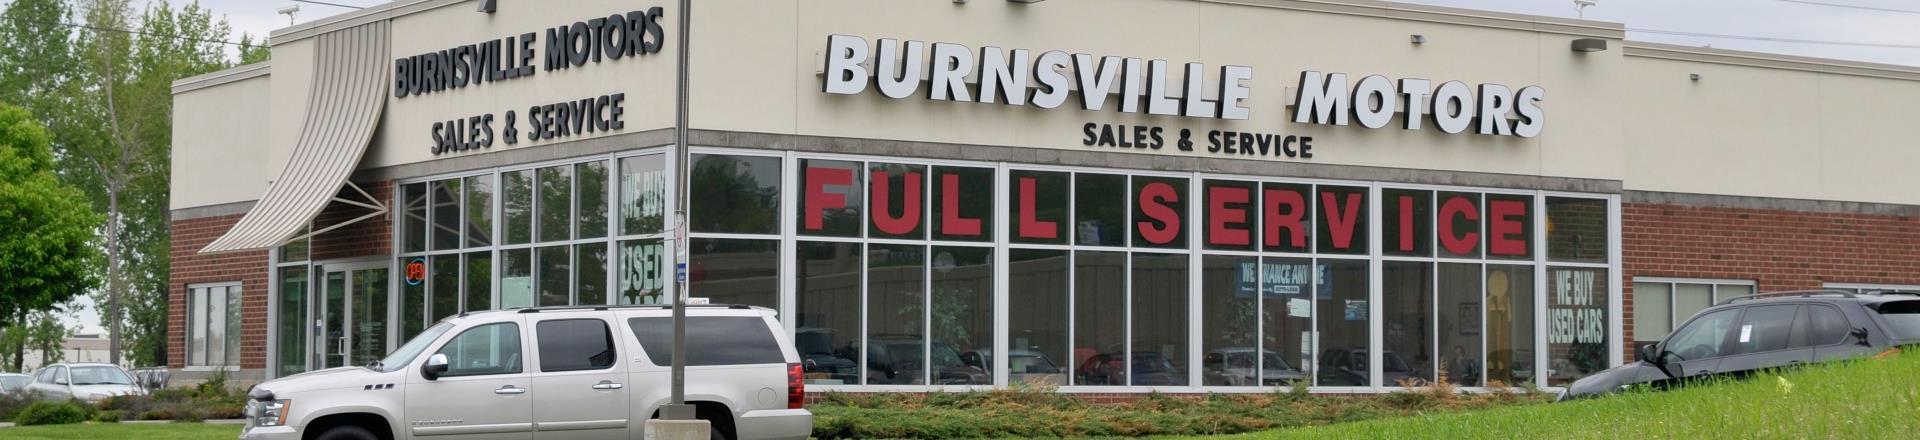 Auto Repair & Service Burnsville | Used Cars & Trucks